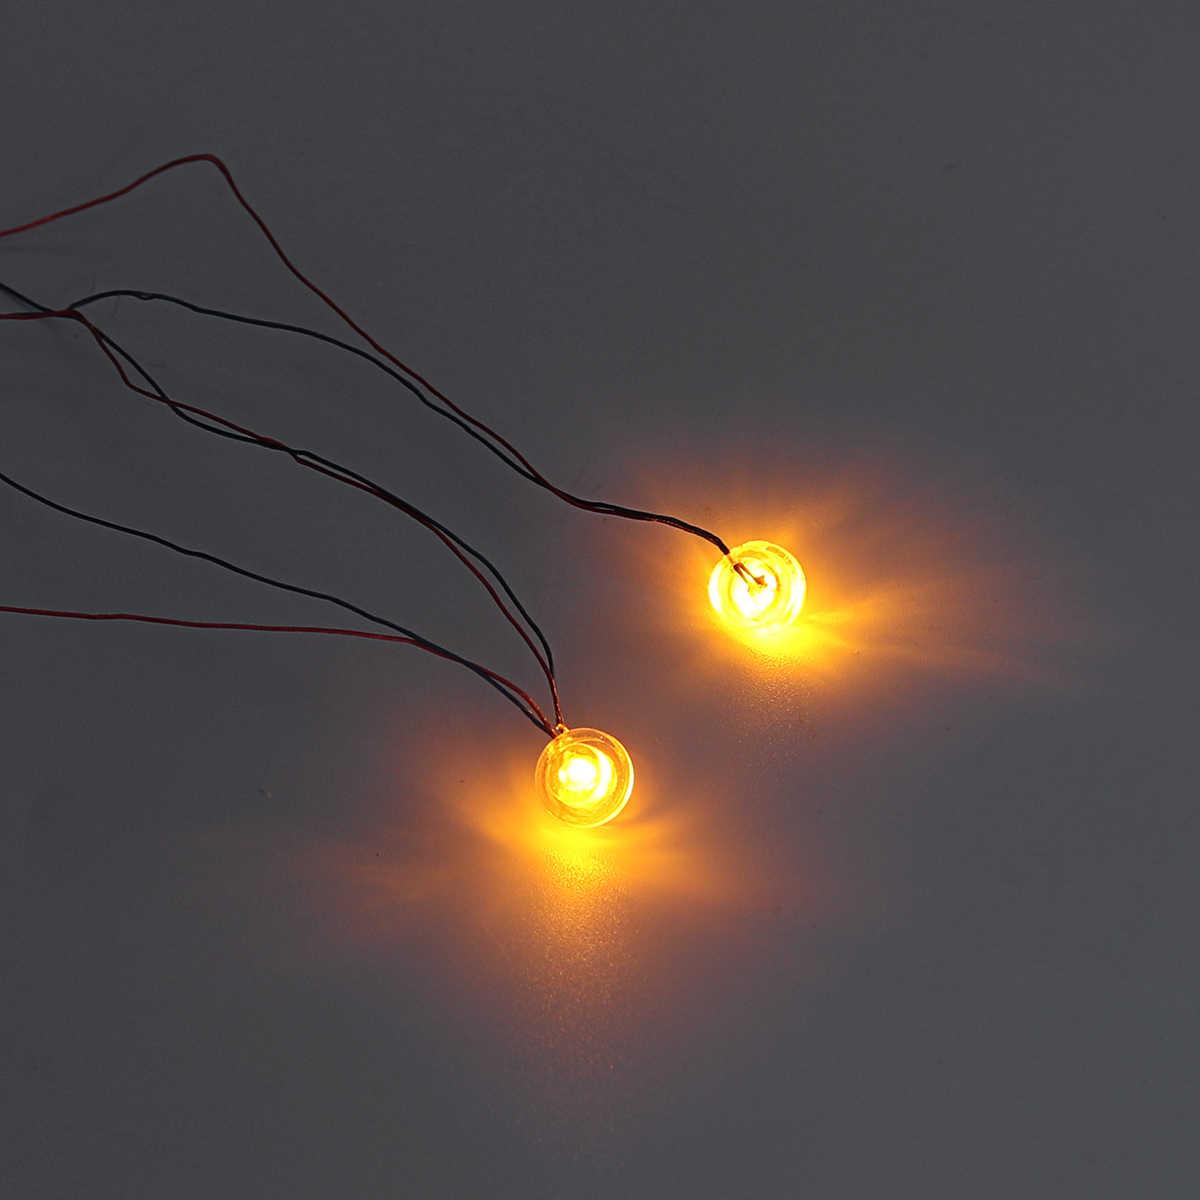 LED moduł światła zestaw do Lego zabawki cegły dla Bar-typ 2 wybór dla tej lampy okrągła lampa cegła zestaw uniwersalny LED zestaw oświetlenia